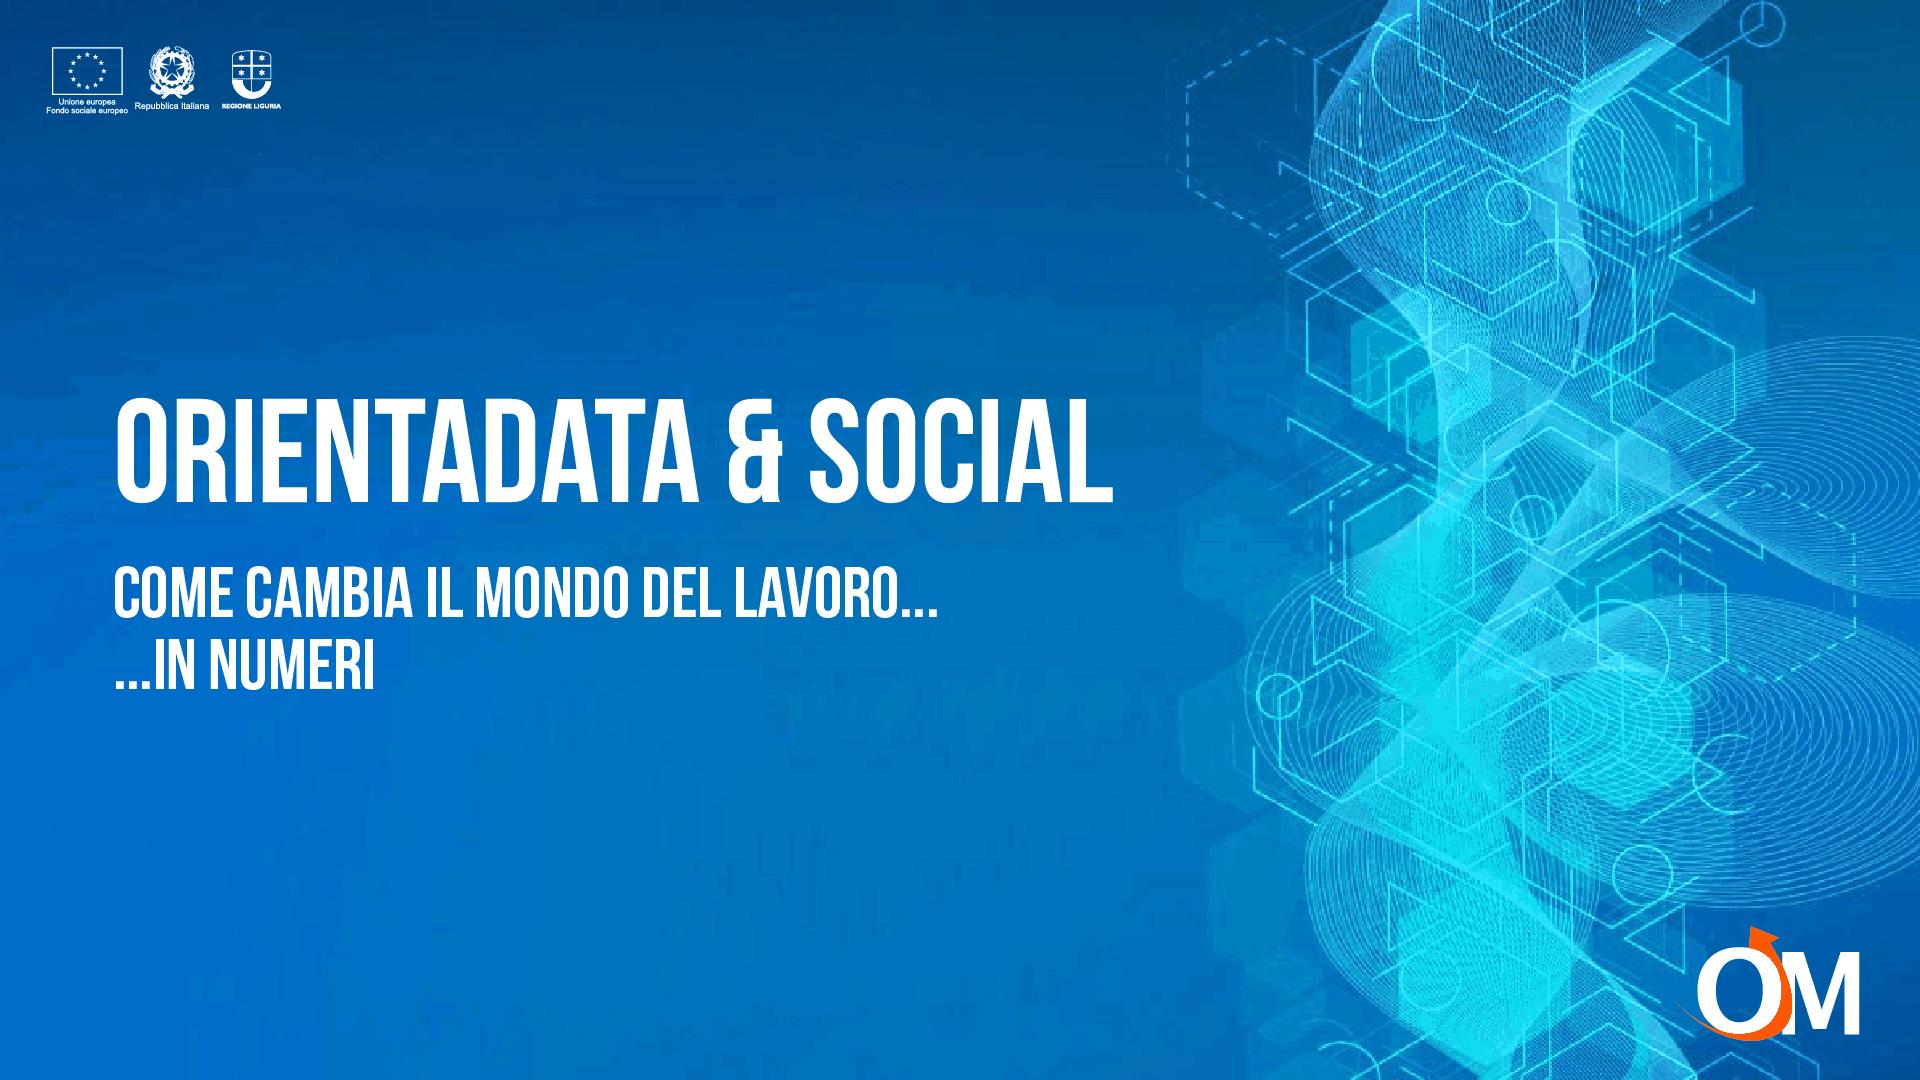 I dati al servizio dell'orientamento - OrientaData & Social